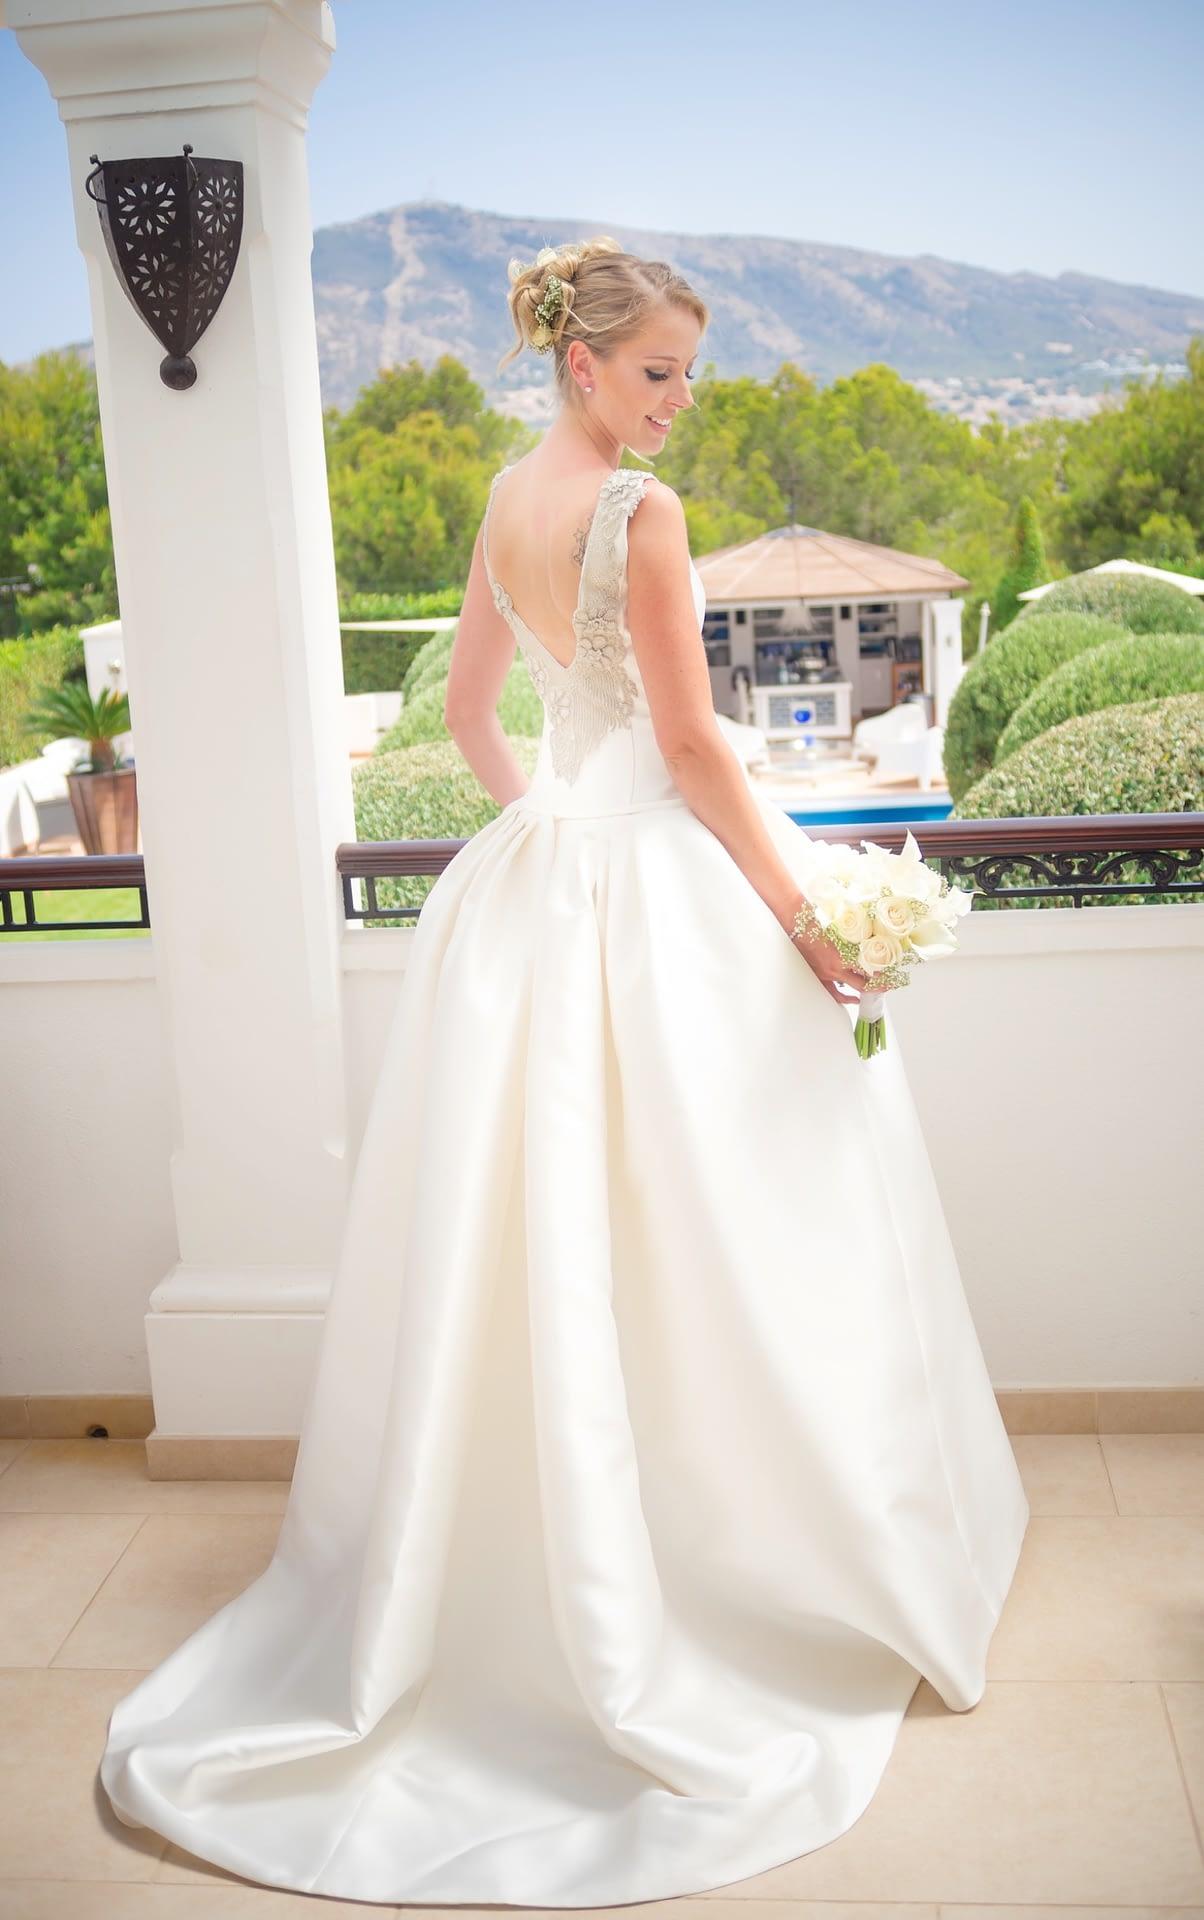 Pierluigi Cavarra - fotografo de bodas y eventos - wedding photographer costa blanca - ejemplo -39